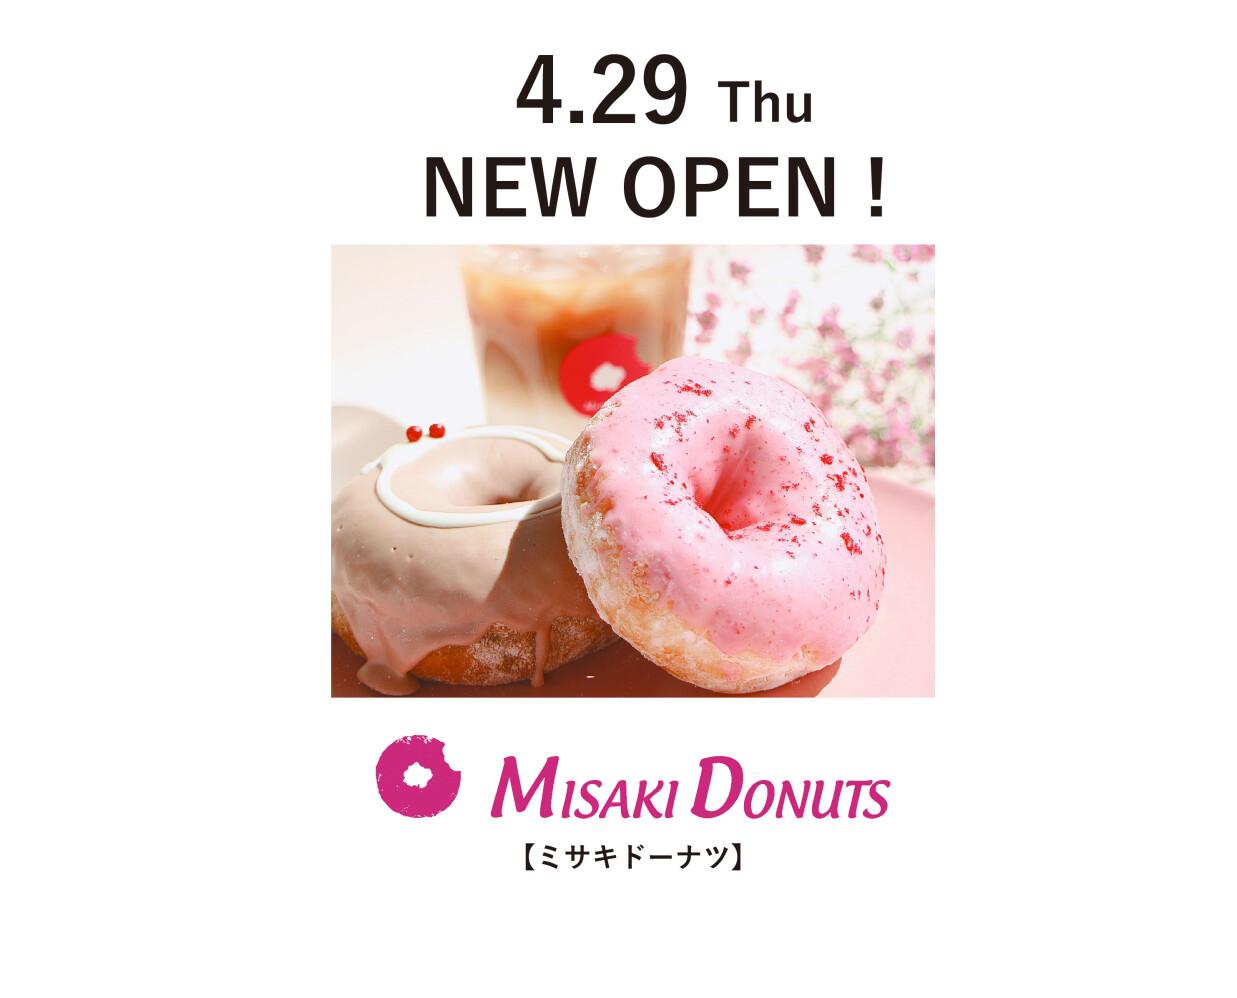 【予告】みなとみらい初出店「ミサキドーナツ」NEW OPEN!